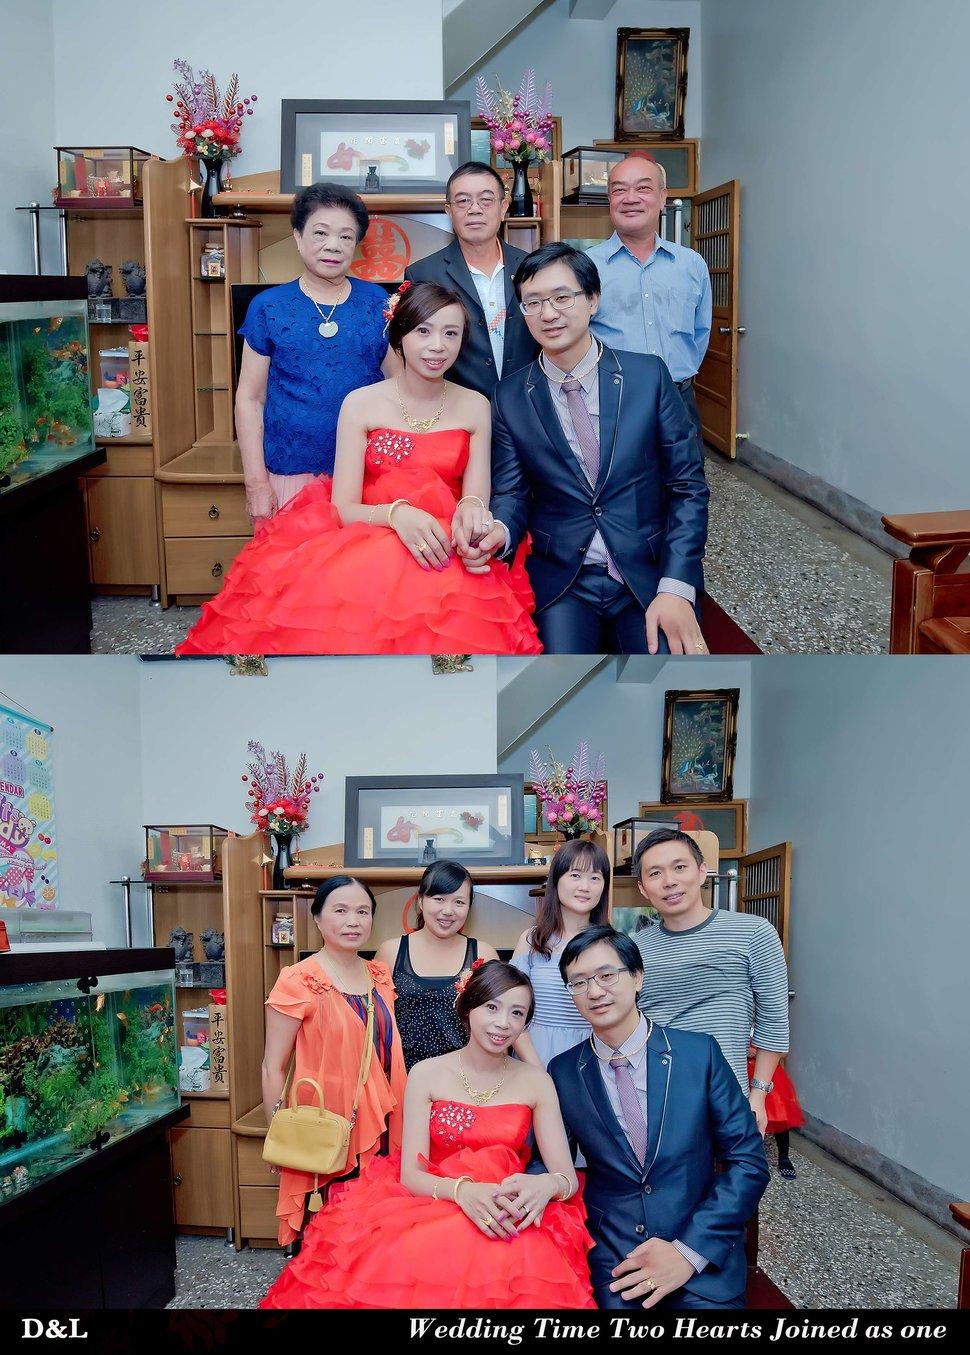 台中婚攝 婚禮攝影 訂結儀式午宴 球愛物語景觀婚禮會館-平面攝影(編號:374394) - D&L 婚禮事務 · 婚禮婚紗攝影 - 結婚吧